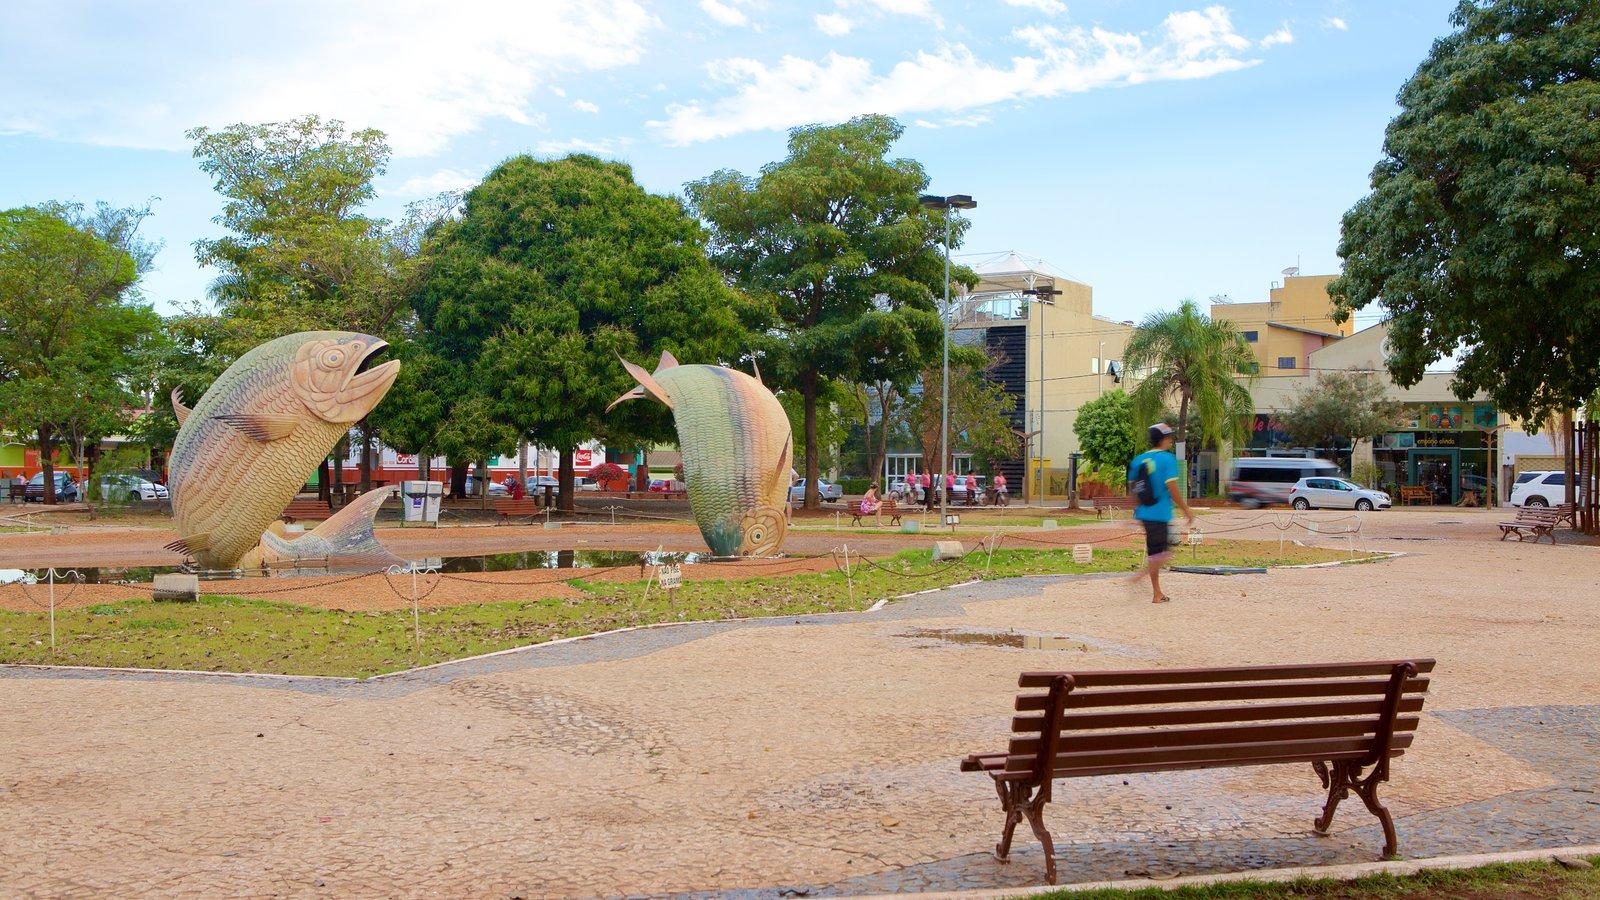 Praça Pública mostrando um parque e uma estátua ou escultura